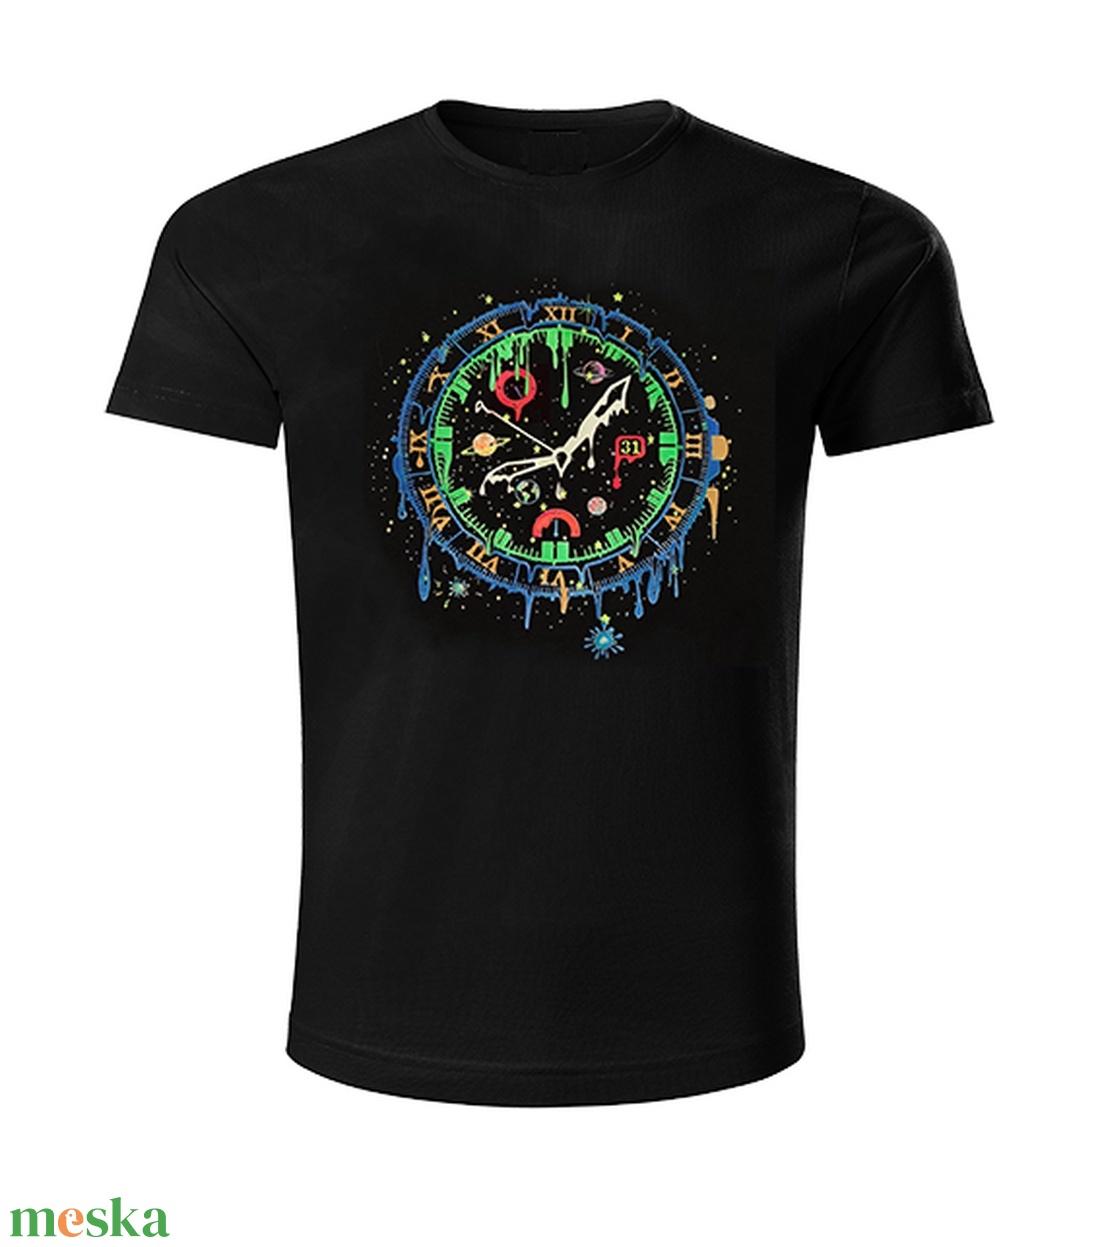 Idő univerzuma sötétben és UV-ban is világítós póló - ruha & divat - férfi ruha - póló - Meska.hu